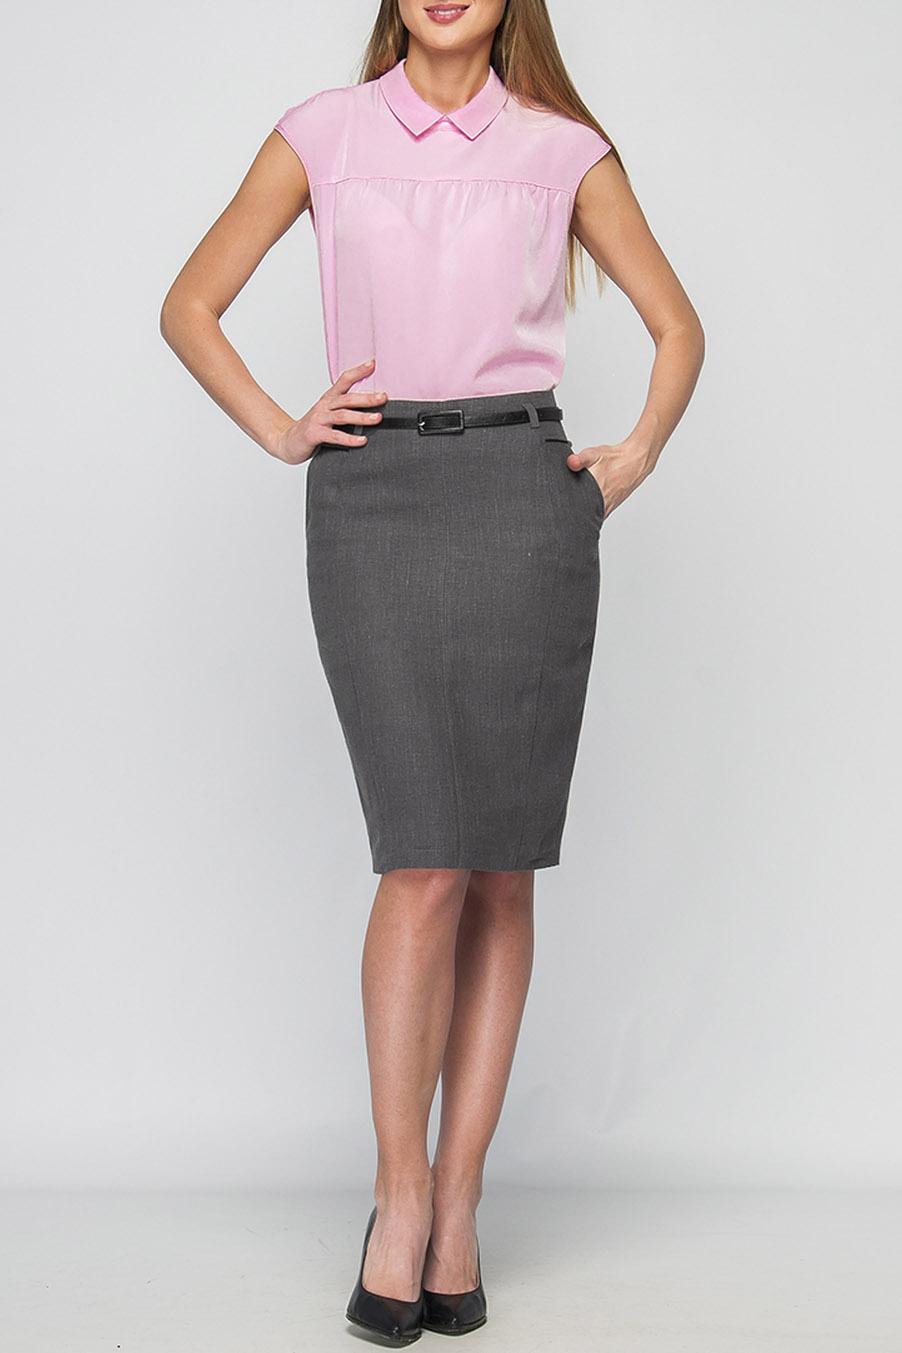 ЮбкаЮбки<br>Классическая юбка-карандаш, выполненная из натурального льна, с подкладом. Юбка зауженная к низу, с карманами. Сзади выполнена застежка на потайную молнию. Замечательный выбор для создания оригинального офисного образа.  Юбка без пояса.  Параметры изделия:  44 размер: обхват талии - 70 см, обхват бедер - 96 см, длина изделия - 59 см;  52 размер: обхват талии - 86 см, обхват бедер - 112 см, длина изделия - 63 см.  В изделии использованы цвета: серый  Рост девушки-фотомодели 175 см.<br><br>По длине: До колена<br>По материалу: Лен<br>По рисунку: Однотонные<br>По силуэту: Приталенные<br>По стилю: Классический стиль,Офисный стиль,Повседневный стиль<br>По форме: Юбка-карандаш<br>По элементам: С разрезом<br>Разрез: Короткий,Шлица<br>По сезону: Осень,Весна<br>Размер : 42,44,46,48,50,52,54,56,60<br>Материал: Лен<br>Количество в наличии: 12